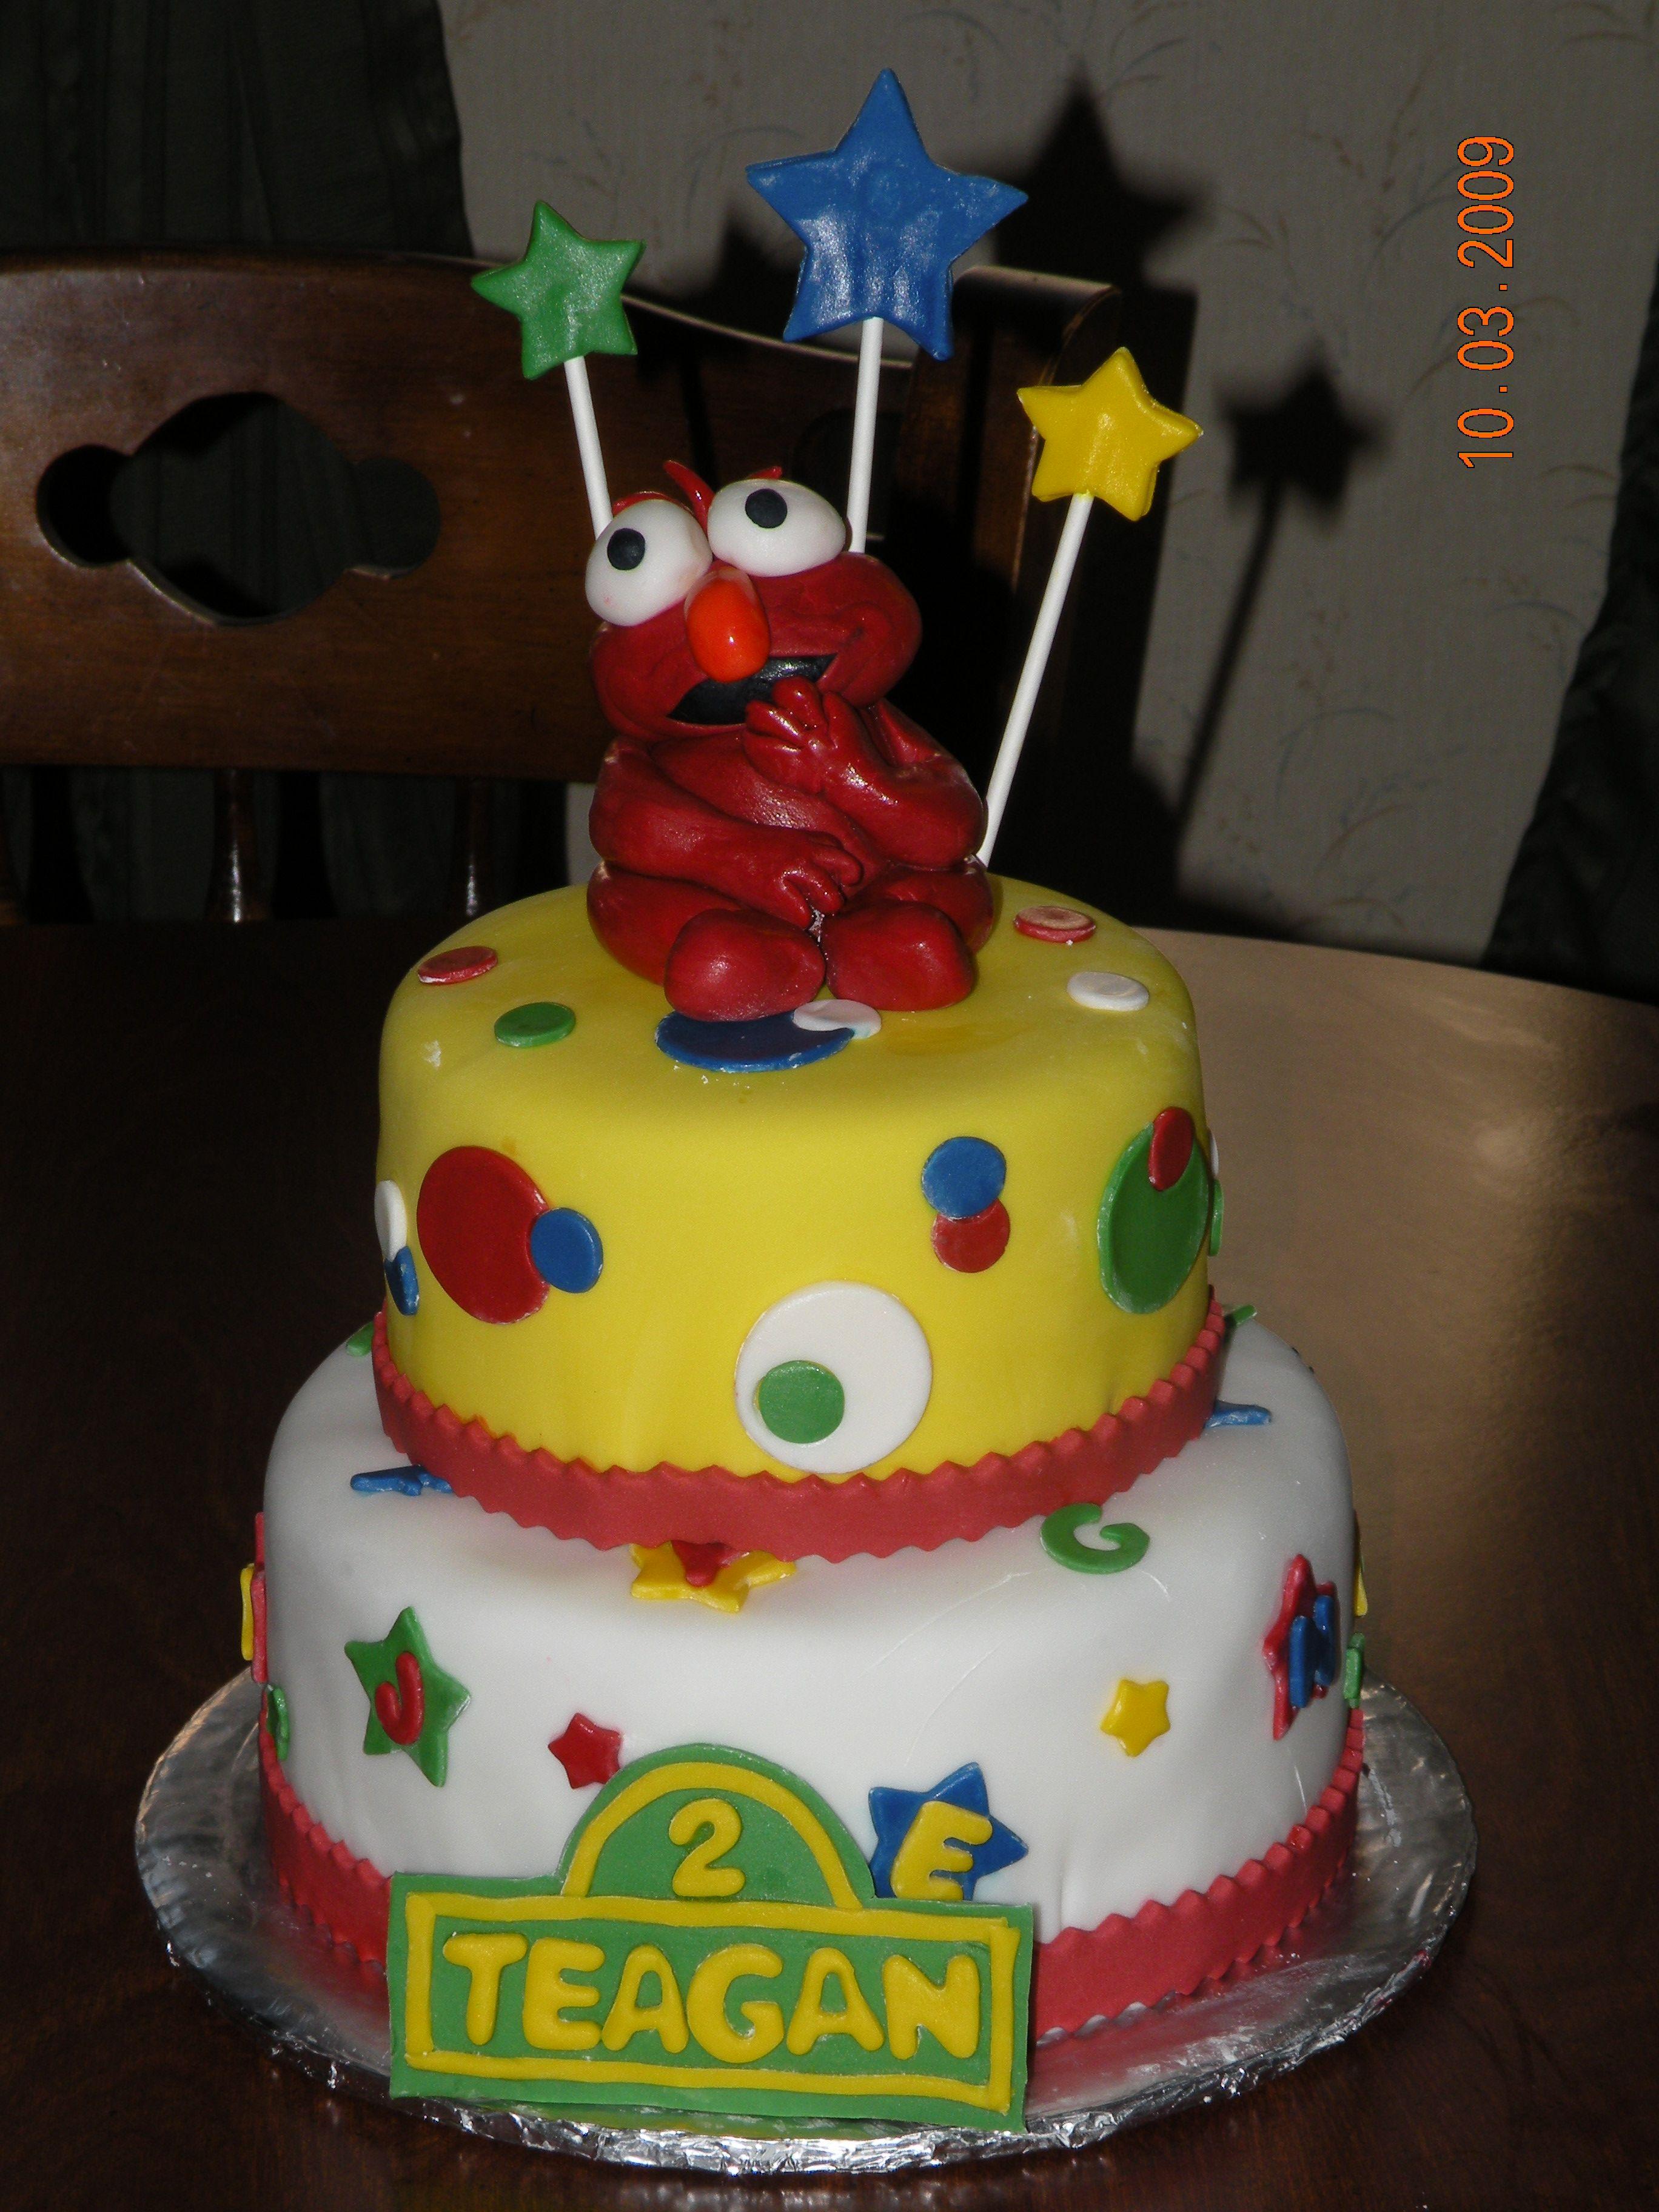 Elmo Cake Design Ideas : Elmo Cake Ideas Cake Ideas and Designs